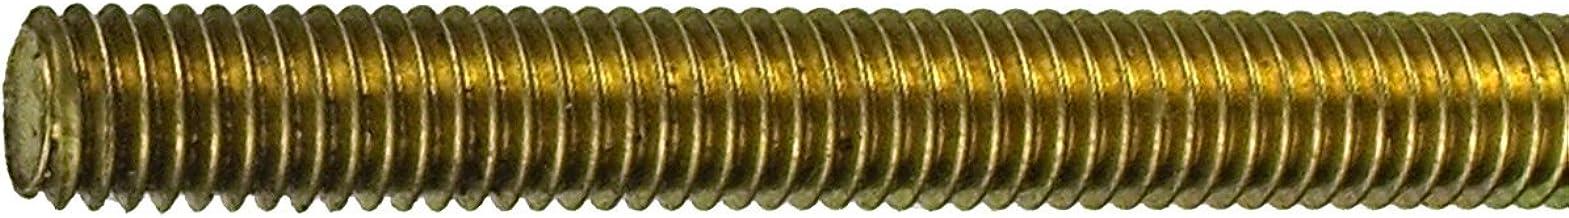 Connex DY250706 Schroefdraadstang M4 x 1000 mm, Gegalvaniseerd